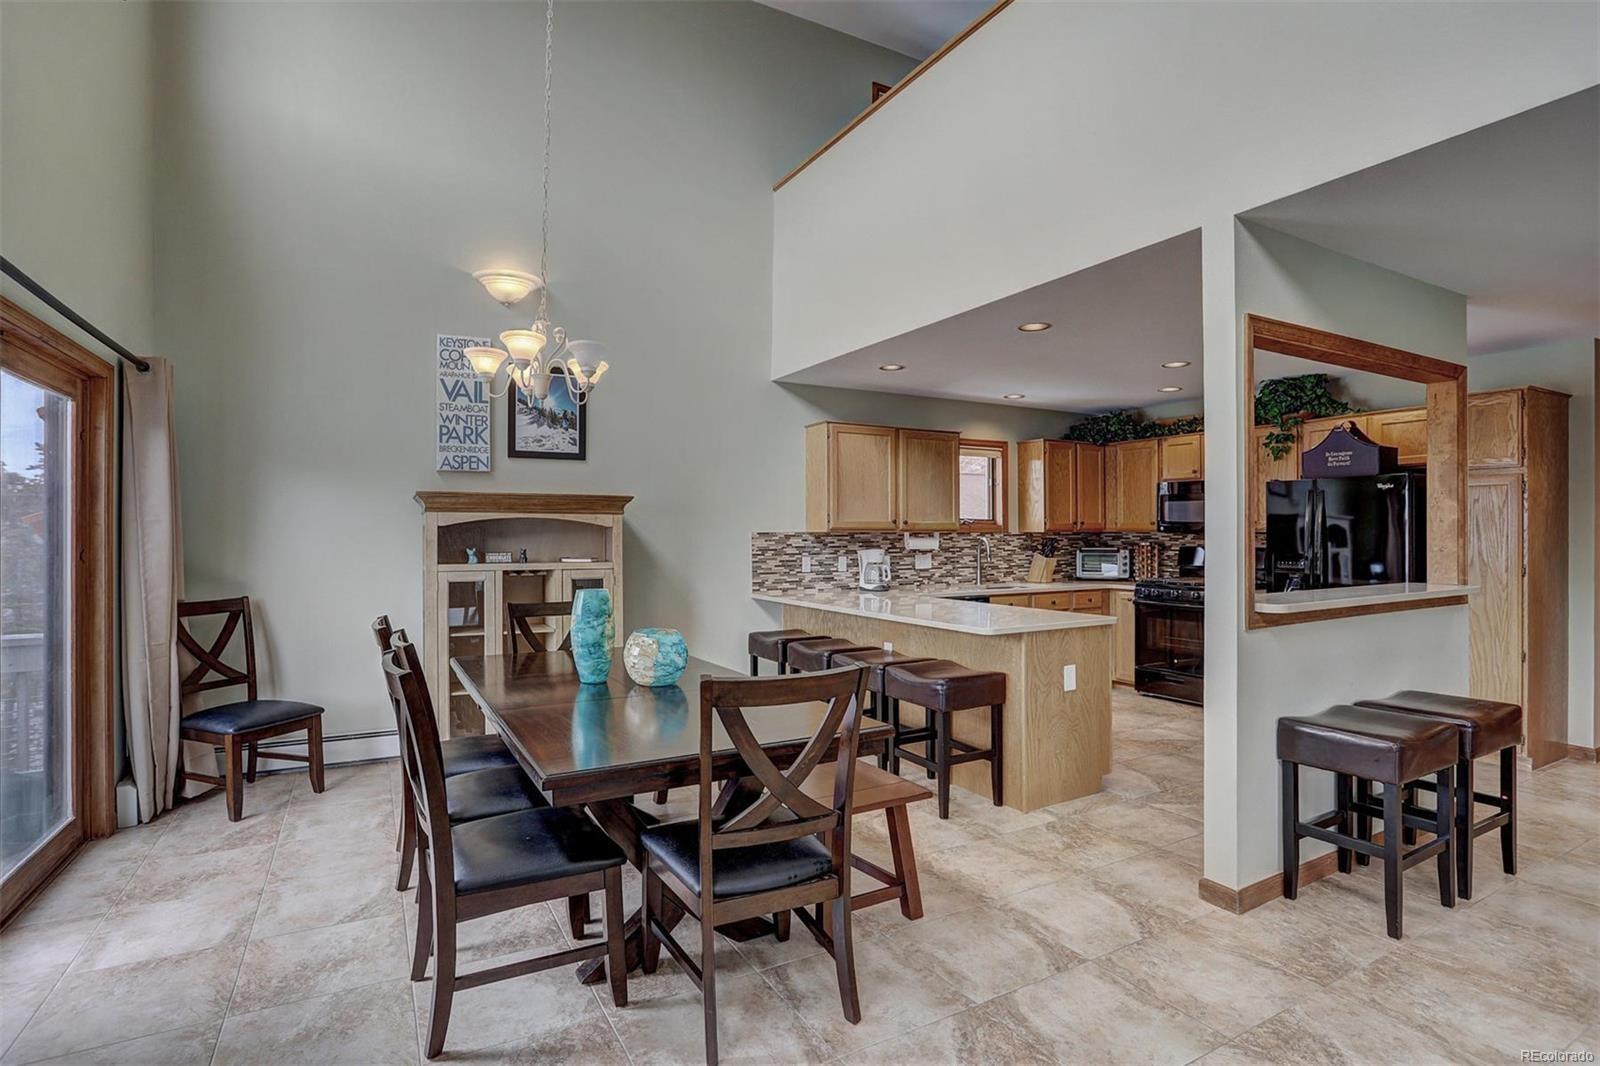 MLS# 6560106 - 6 - 1105 Mesa Drive, Silverthorne, CO 80498